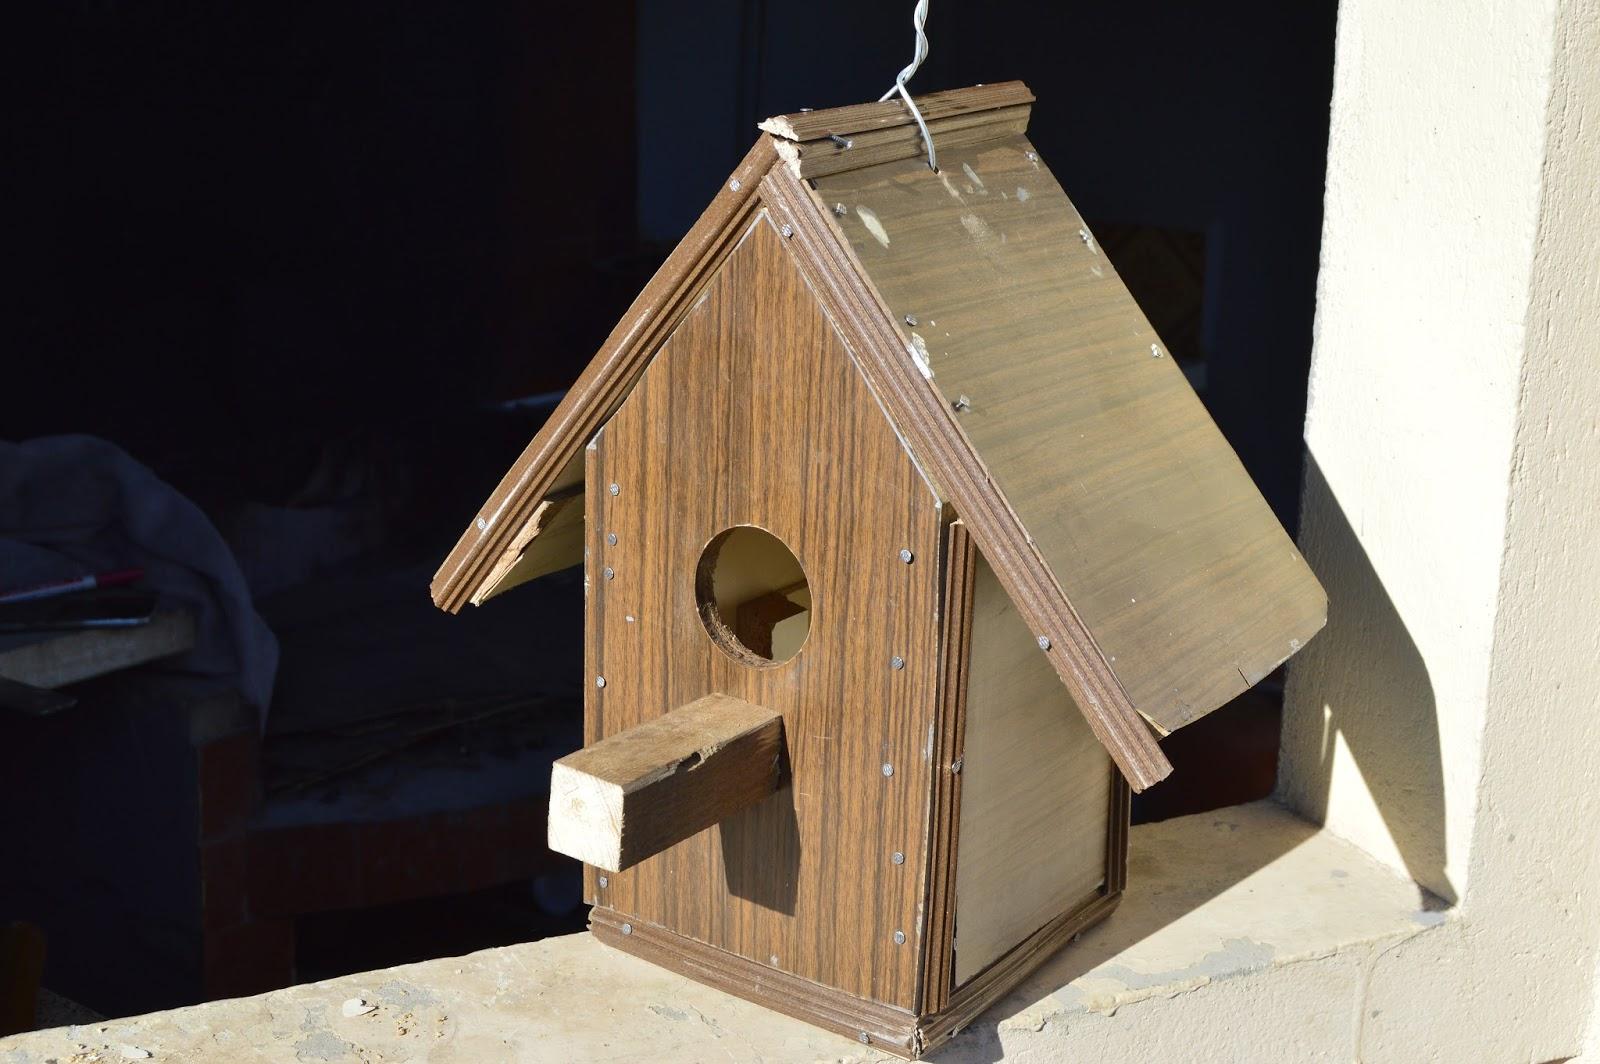 El huerto de tatay una casa para pajaros - Casa para pajaros ...